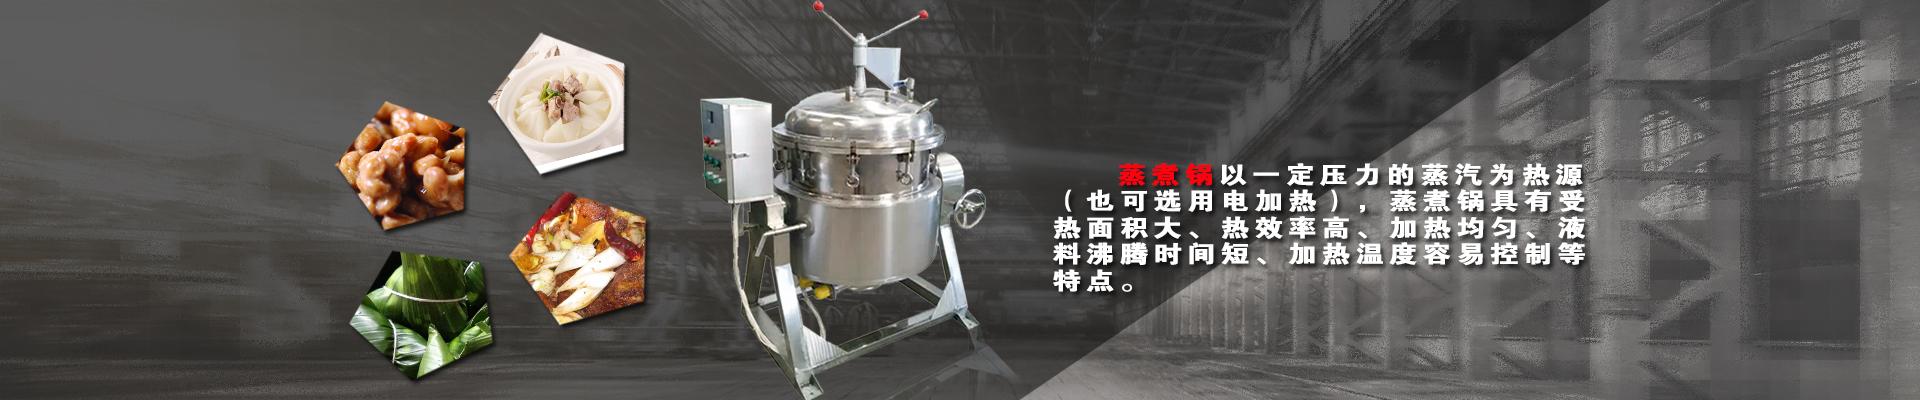 高压蒸煮锅系列